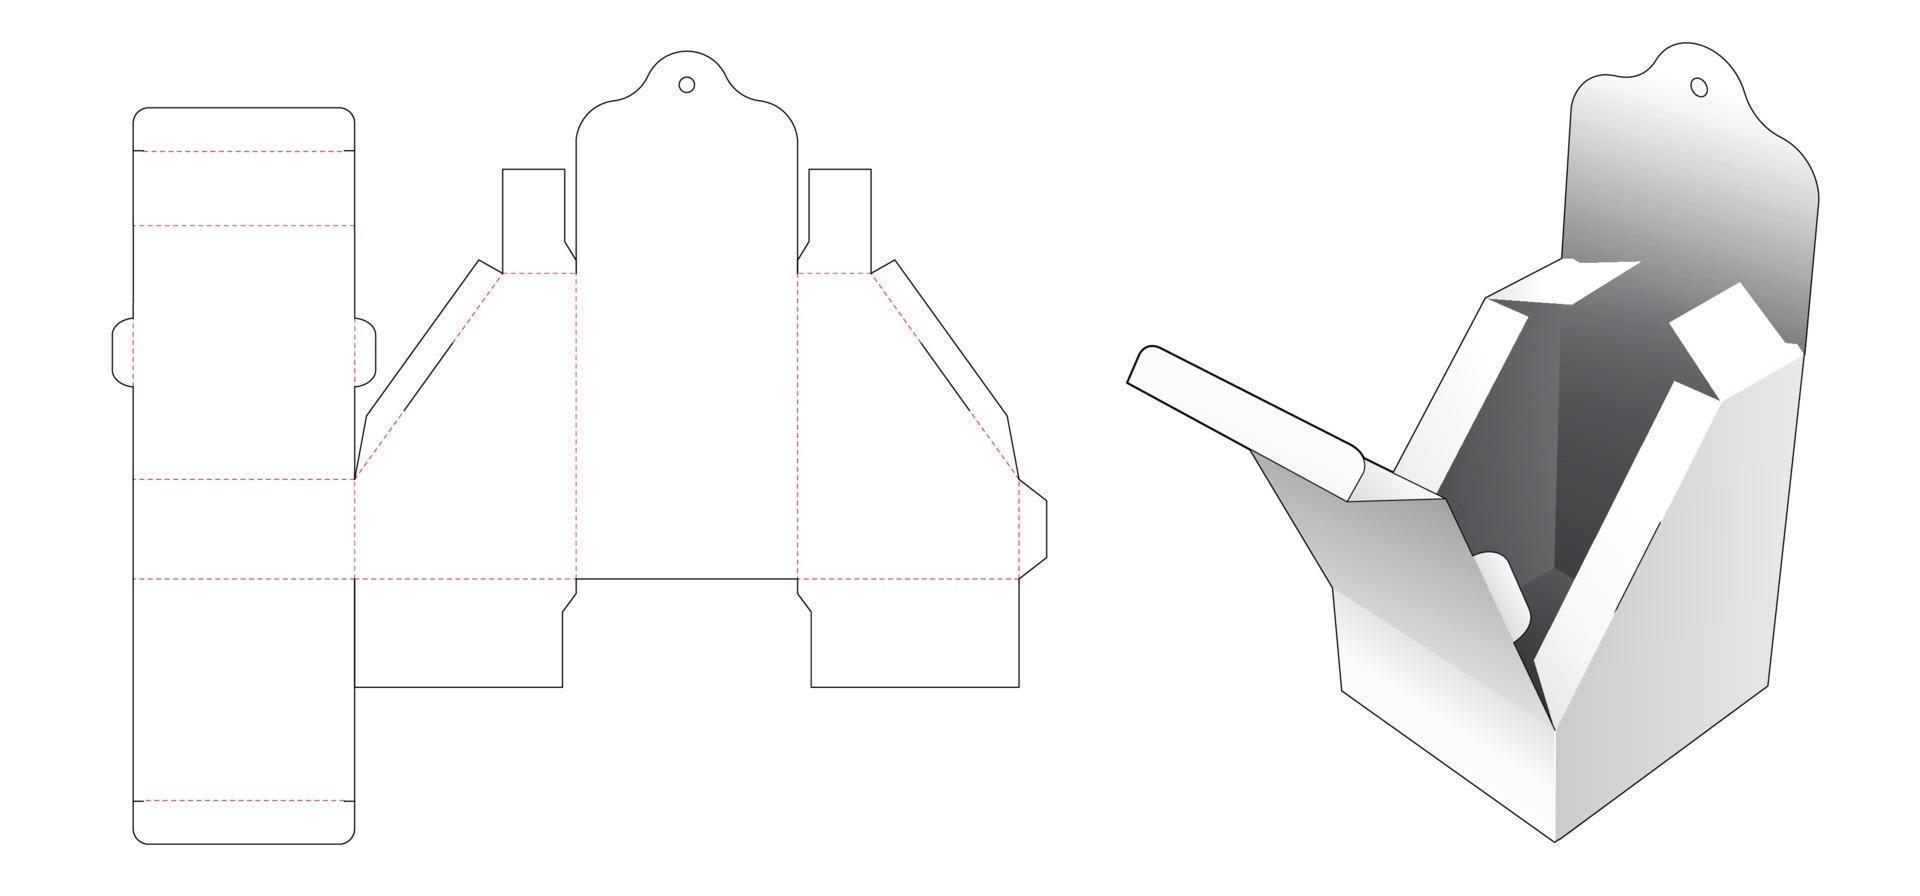 caixa de embalagem chanfrada com molde de orifício suspenso vetor